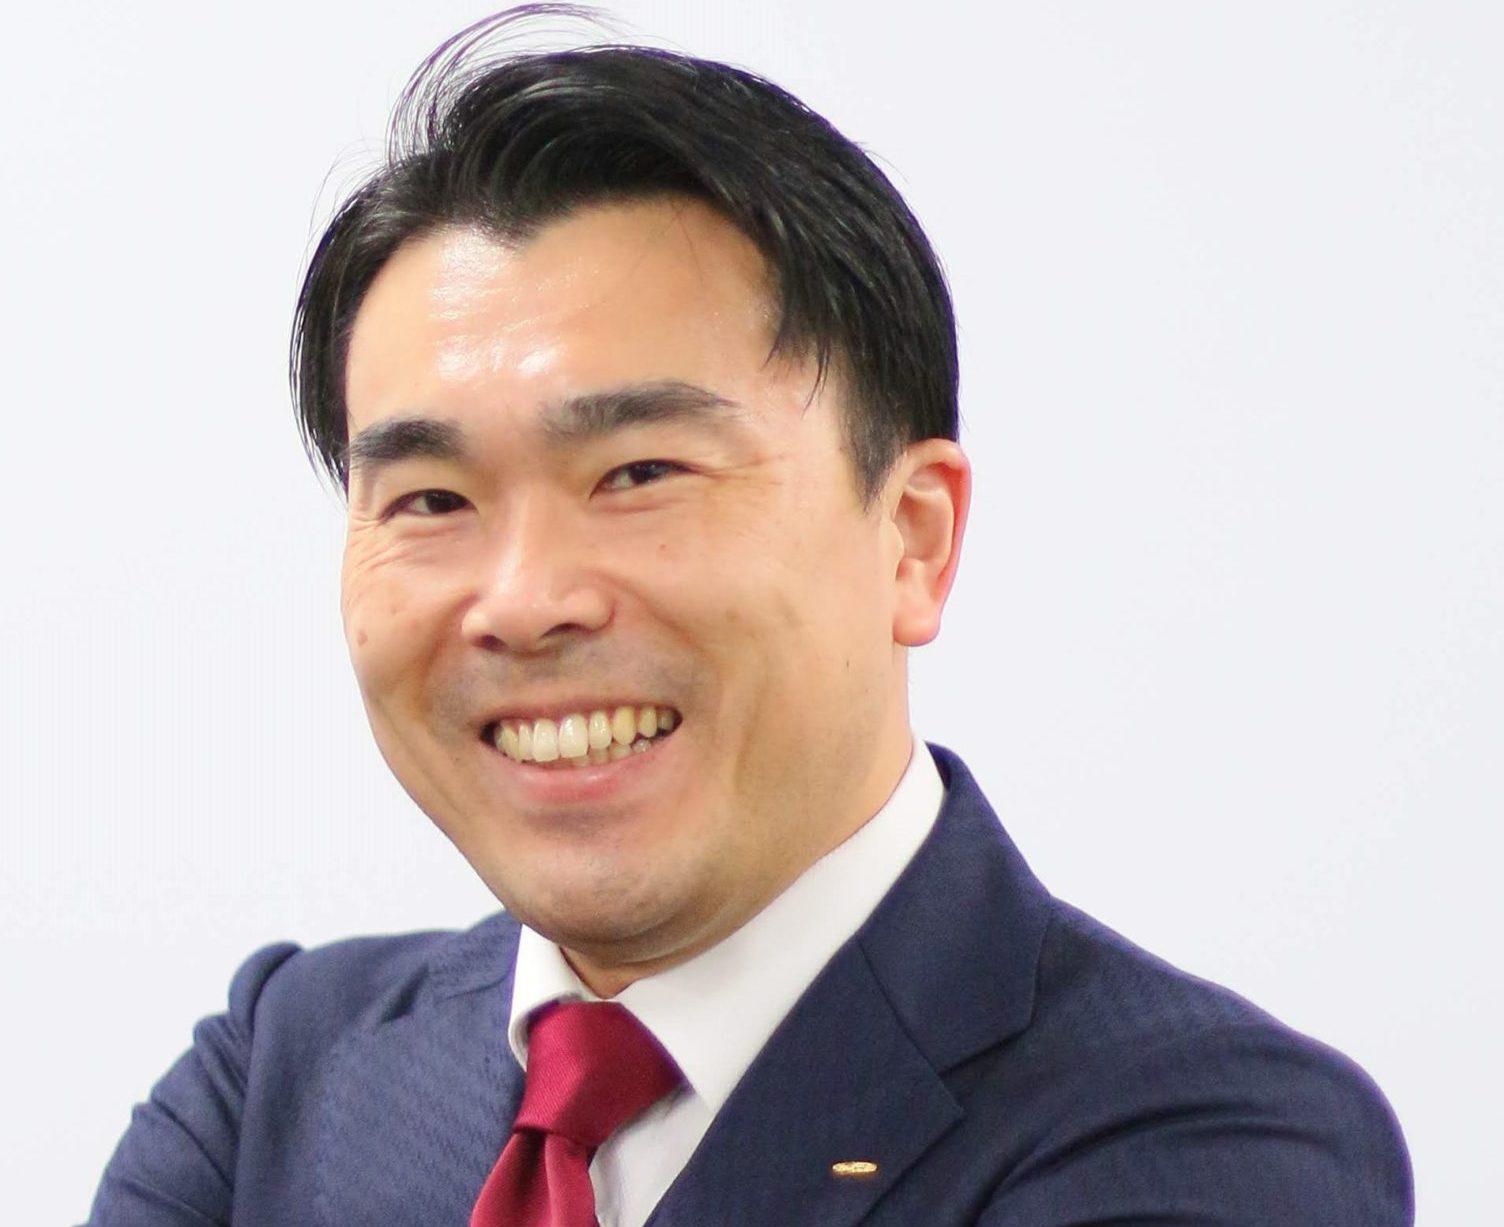 丸山貴生という男(自己紹介)